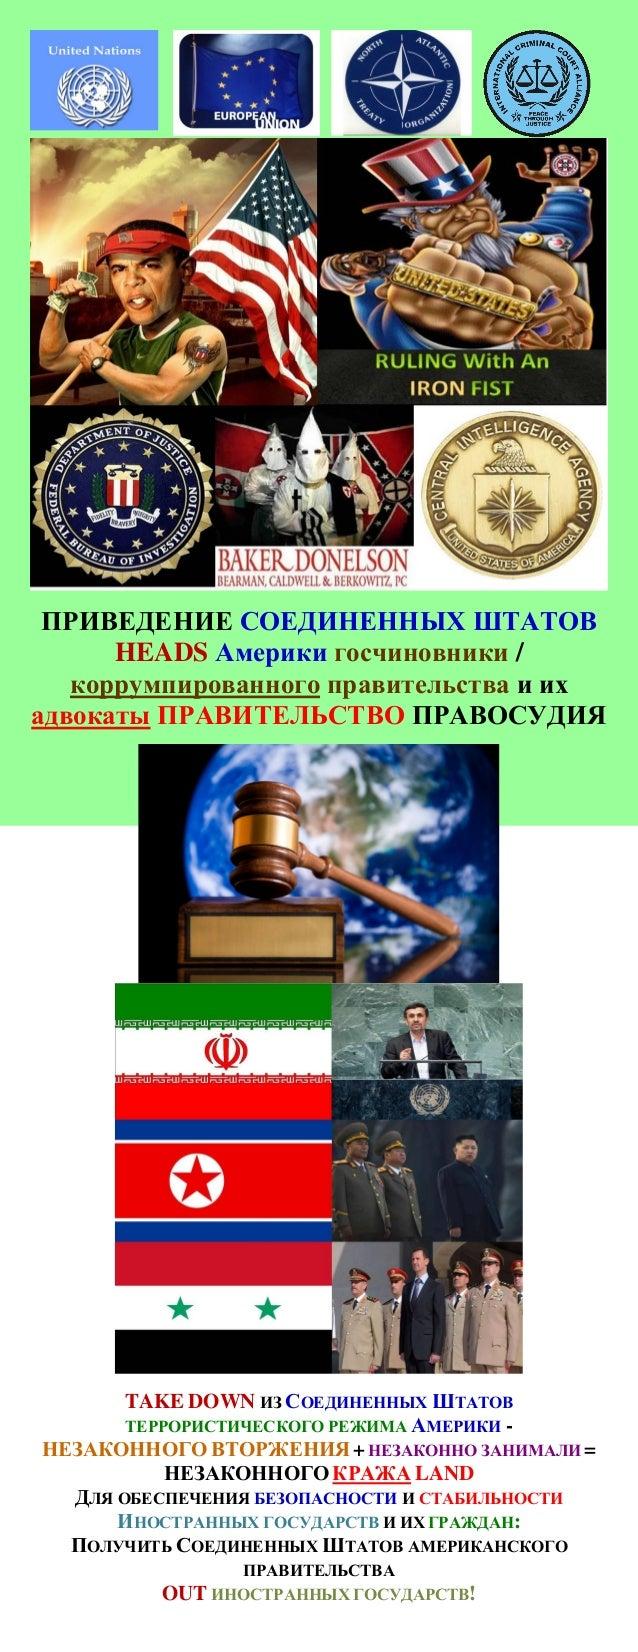 ПРИВЕДЕНИЕ СОЕДИНЕННЫХ ШТАТОВ HEADS Америки госчиновники / коррумпированного правительства и их адвокаты ПРАВИТЕЛЬСТВО ПРА...